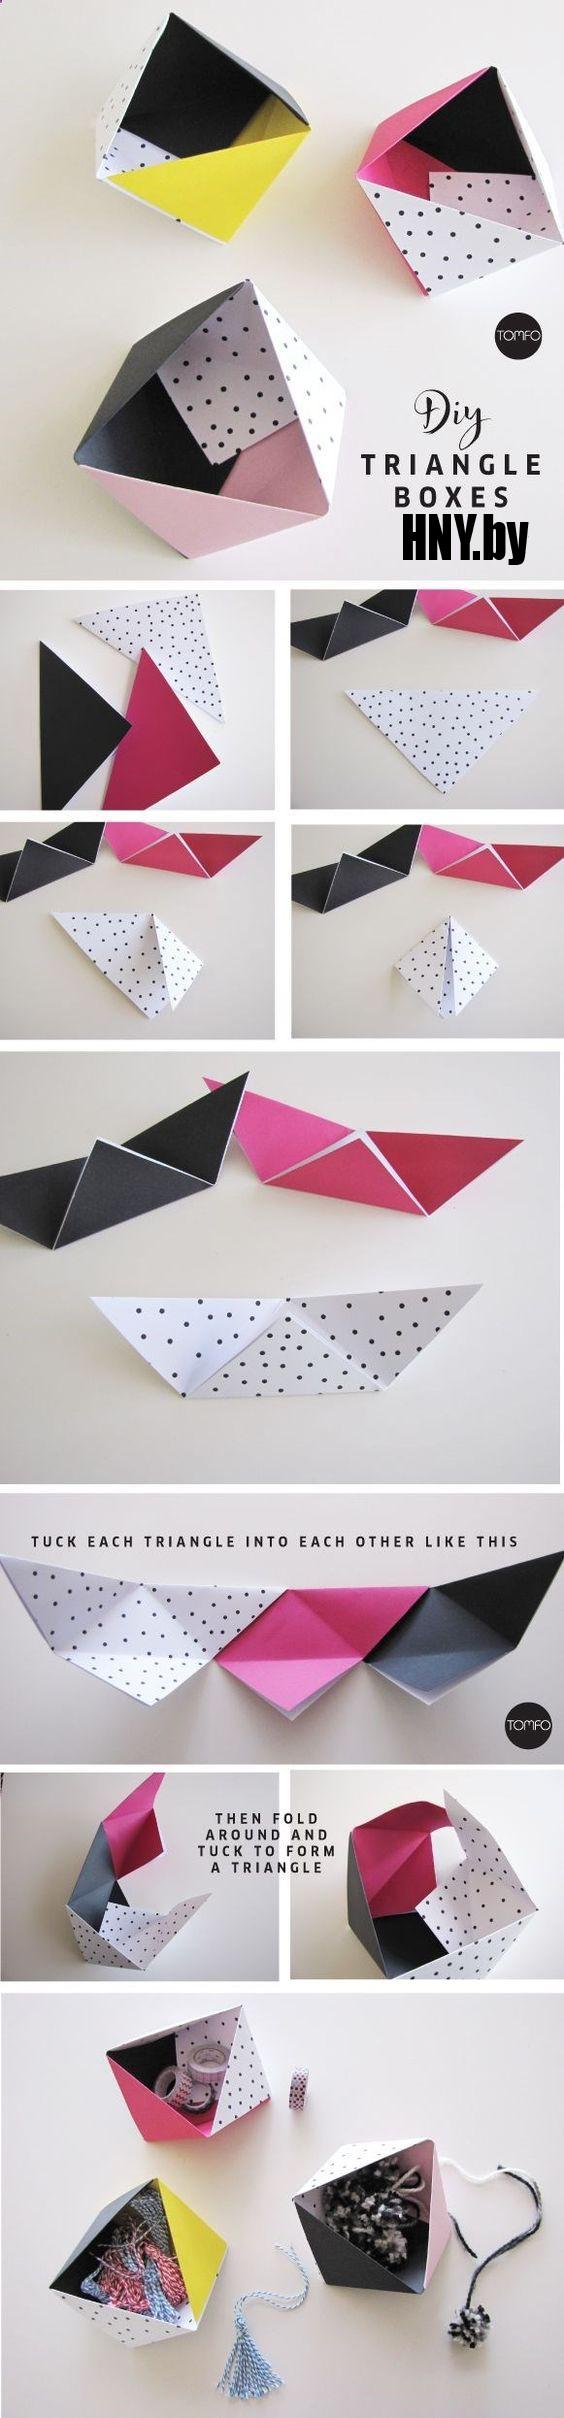 Коробочки-треугольники: упаковка новогодних товаров своими руками. Пошаговая инструкция